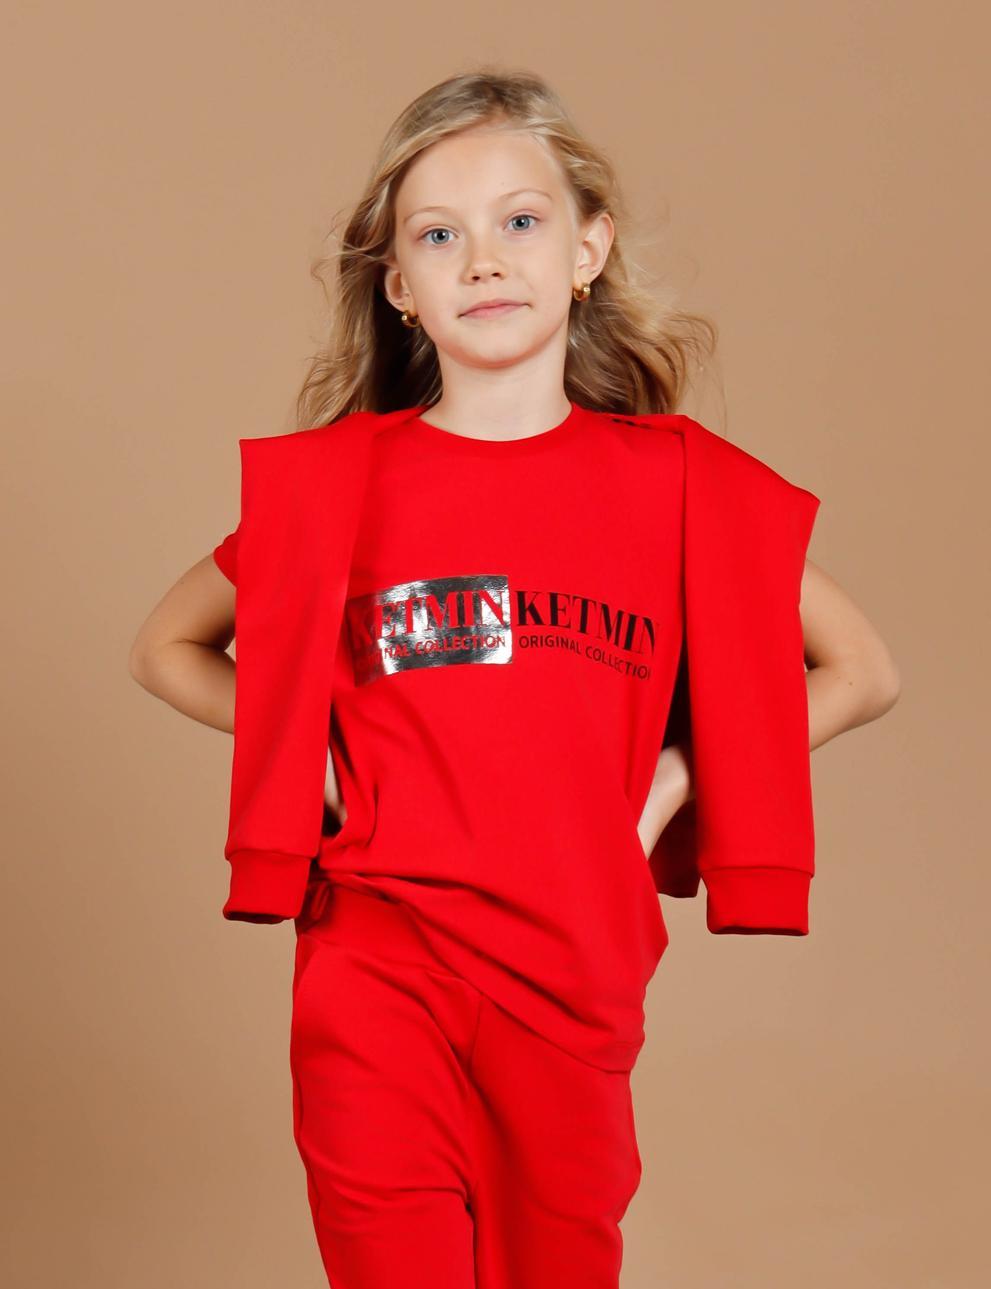 Детская футболка КЕТМИН Original Сollection цв.Рубин